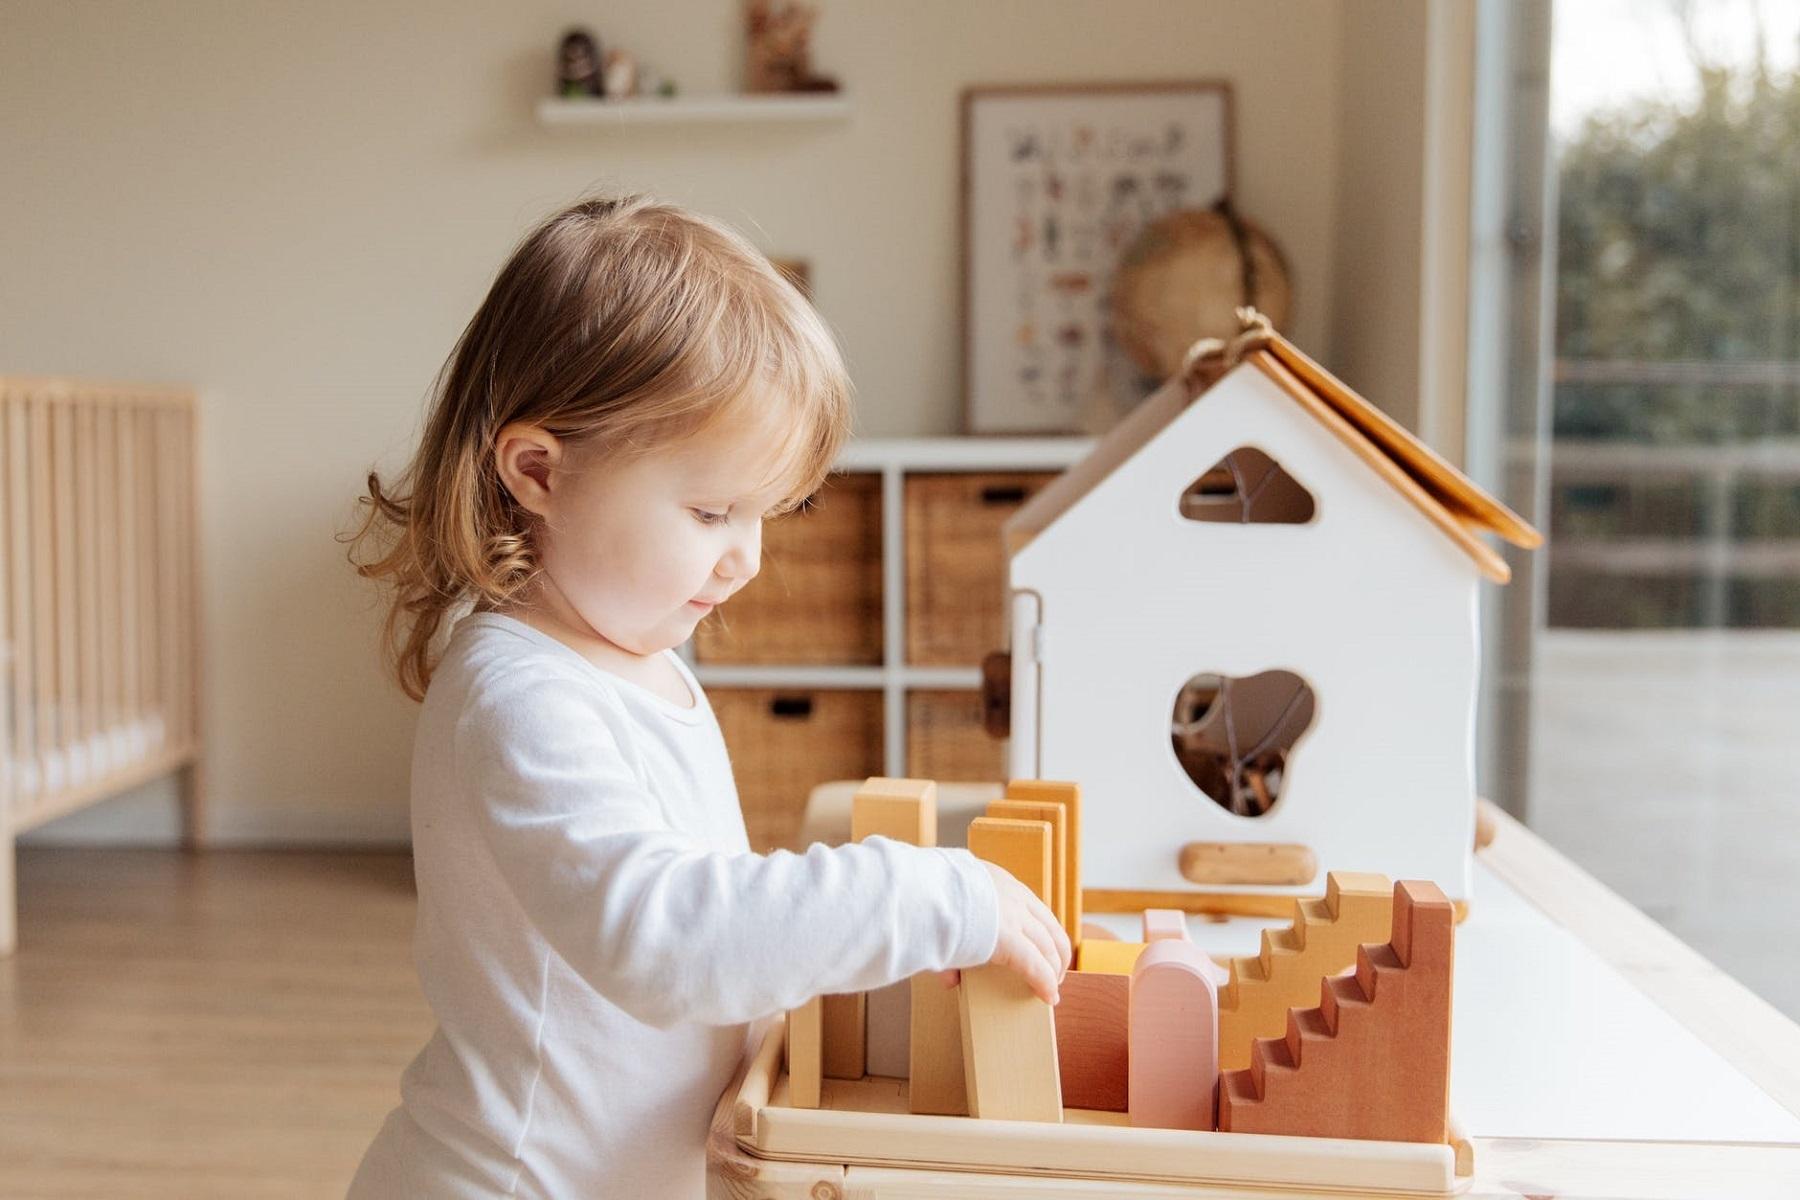 Παιδί Αυτοπεποίθηση: Γιατί ο ρόλος της στη ζωή είναι καθοριστικός